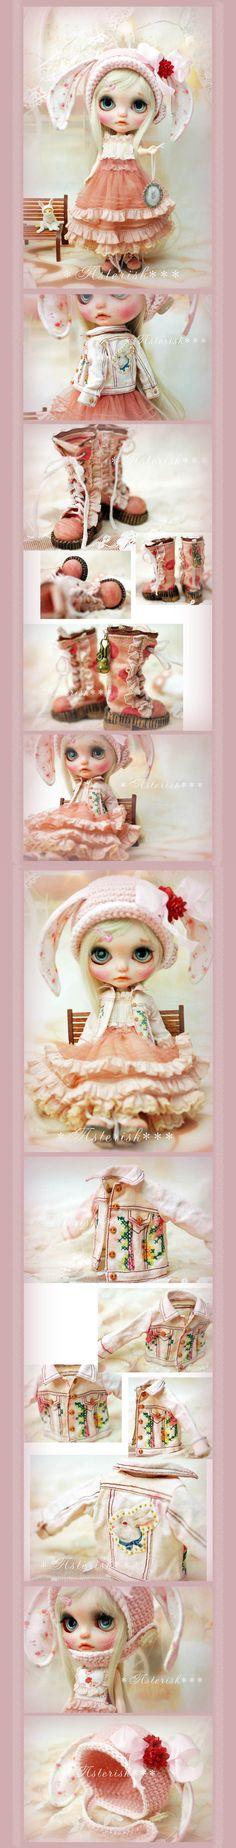 *ブライス アウトフィット Pink Rabbit Set☆-Asterisk*** - ヤフオク!